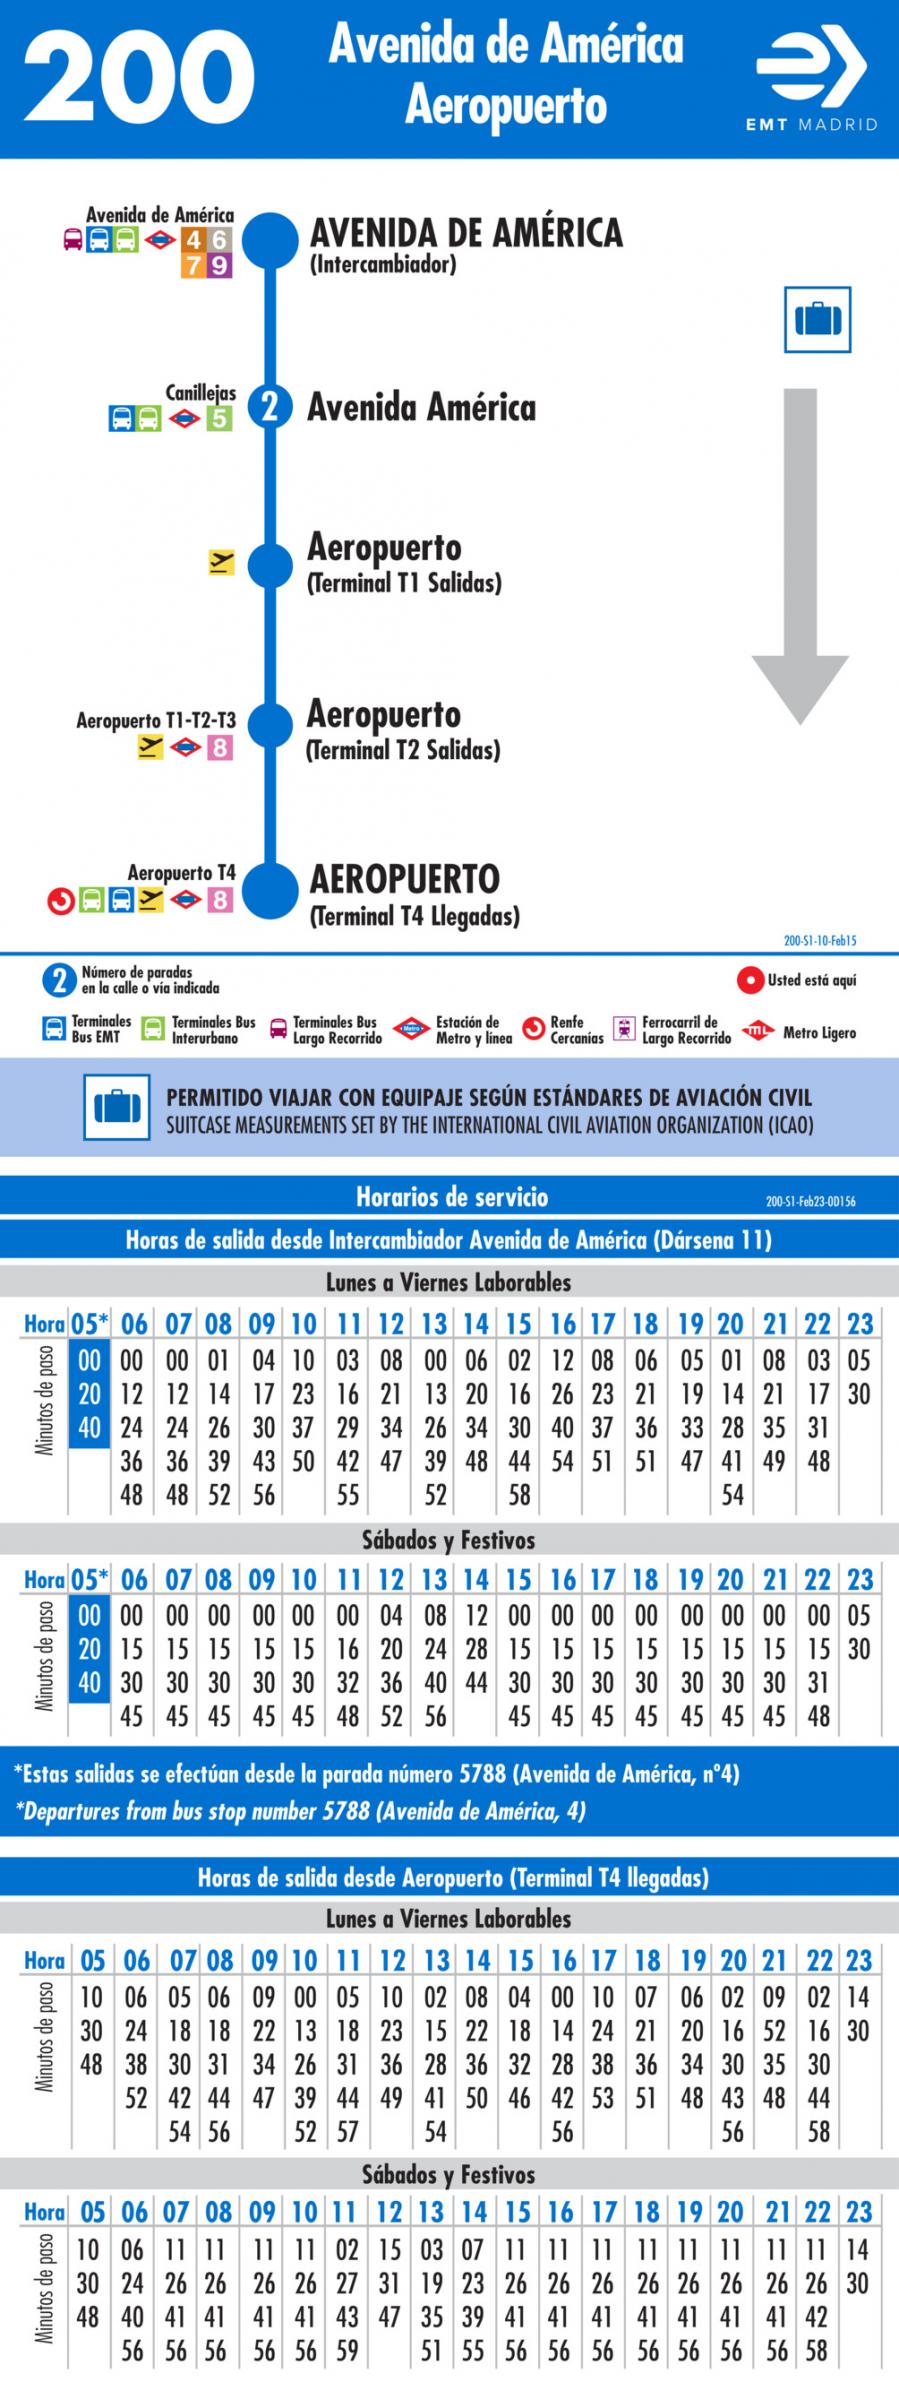 horarios aeropuerto: